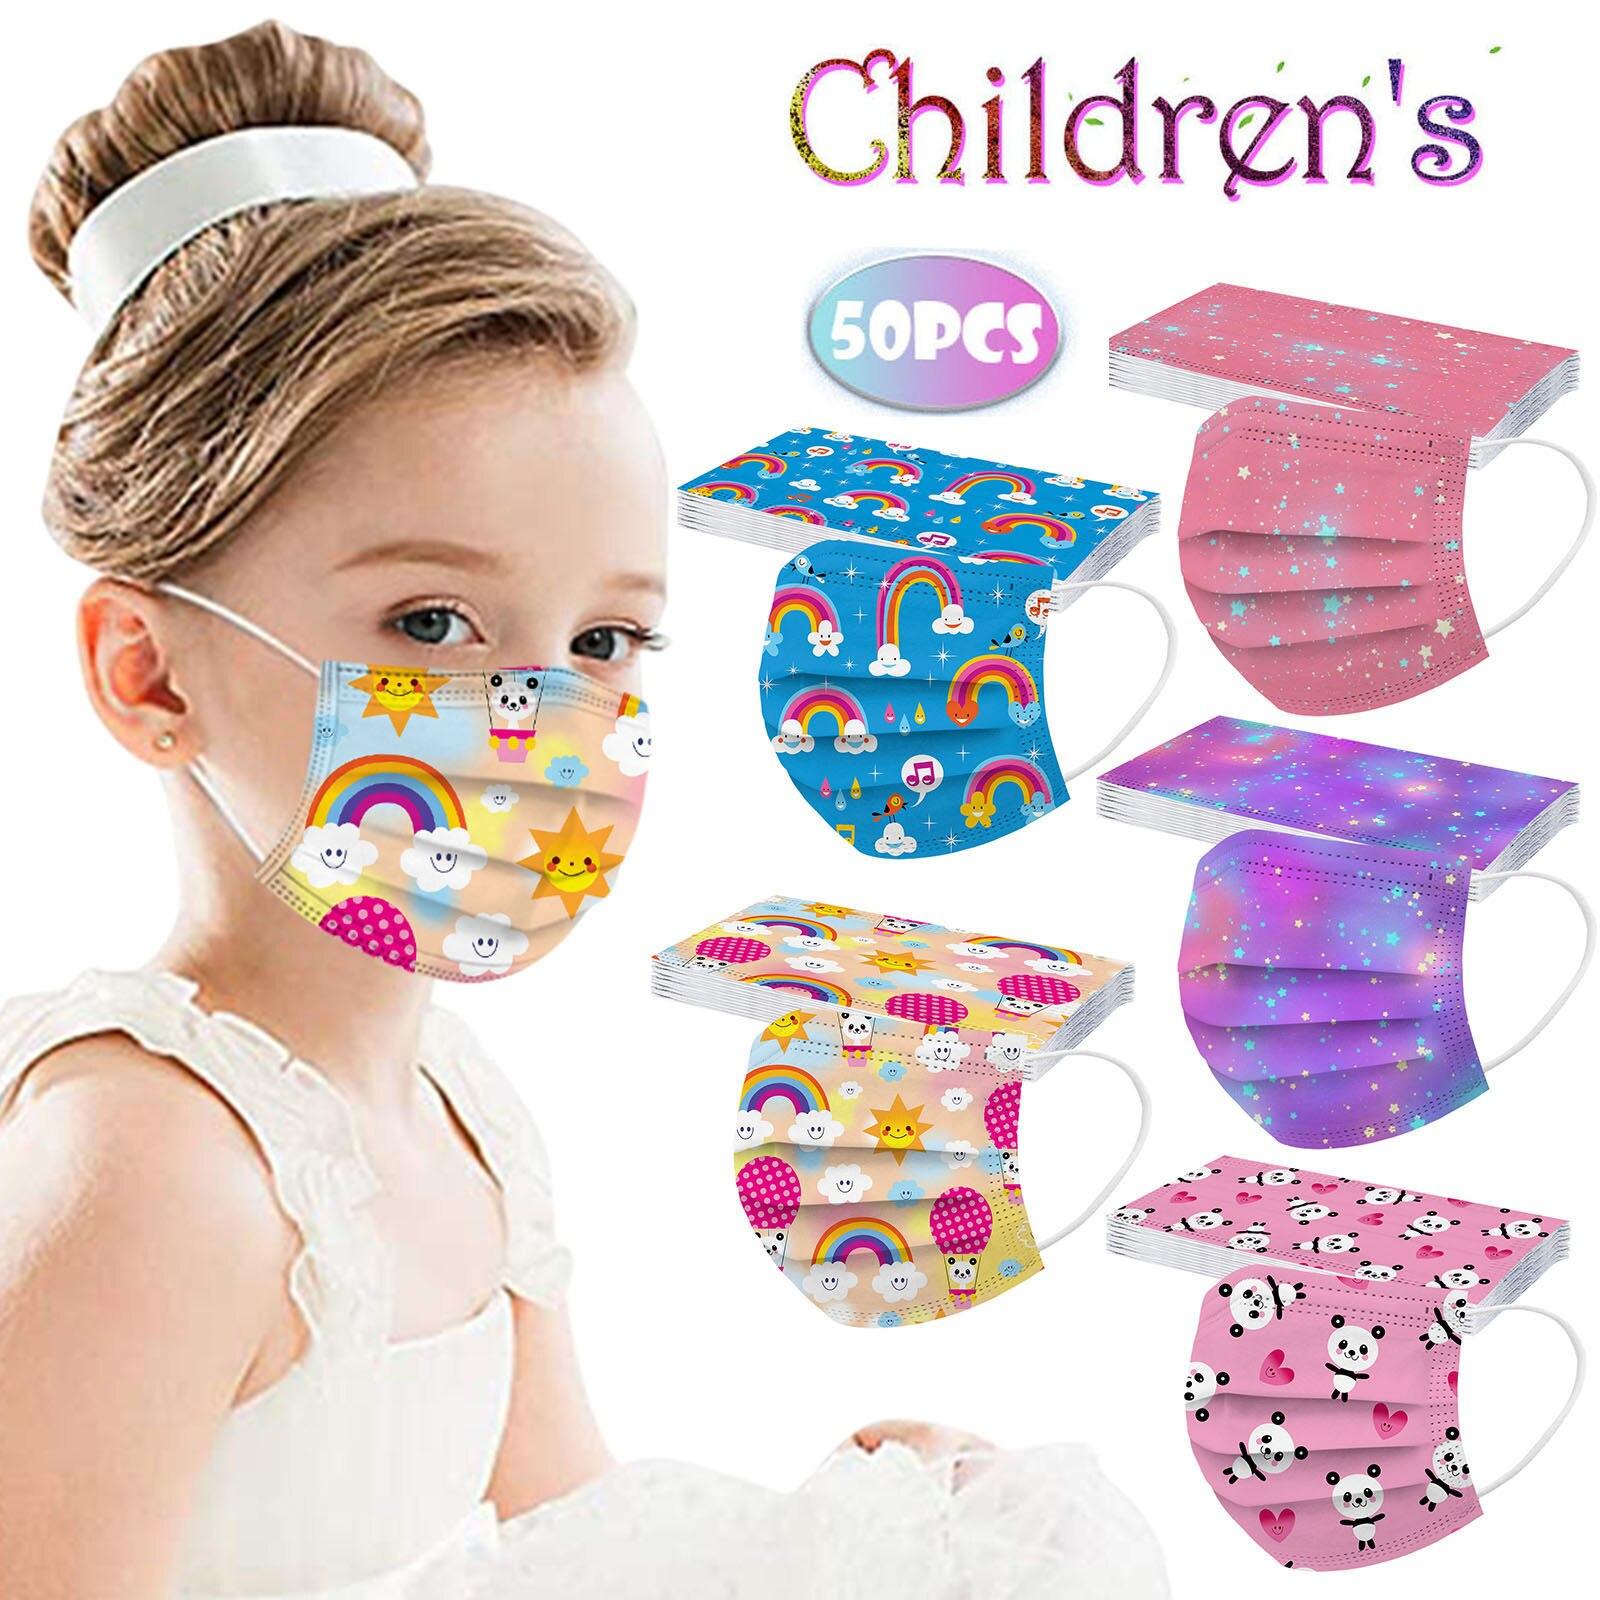 50 шт. Маска детская маска одноразовая маска для лица промышленный 3Ply петли уха с рождественским принтом хлопковая одноразовая маска для лиц...